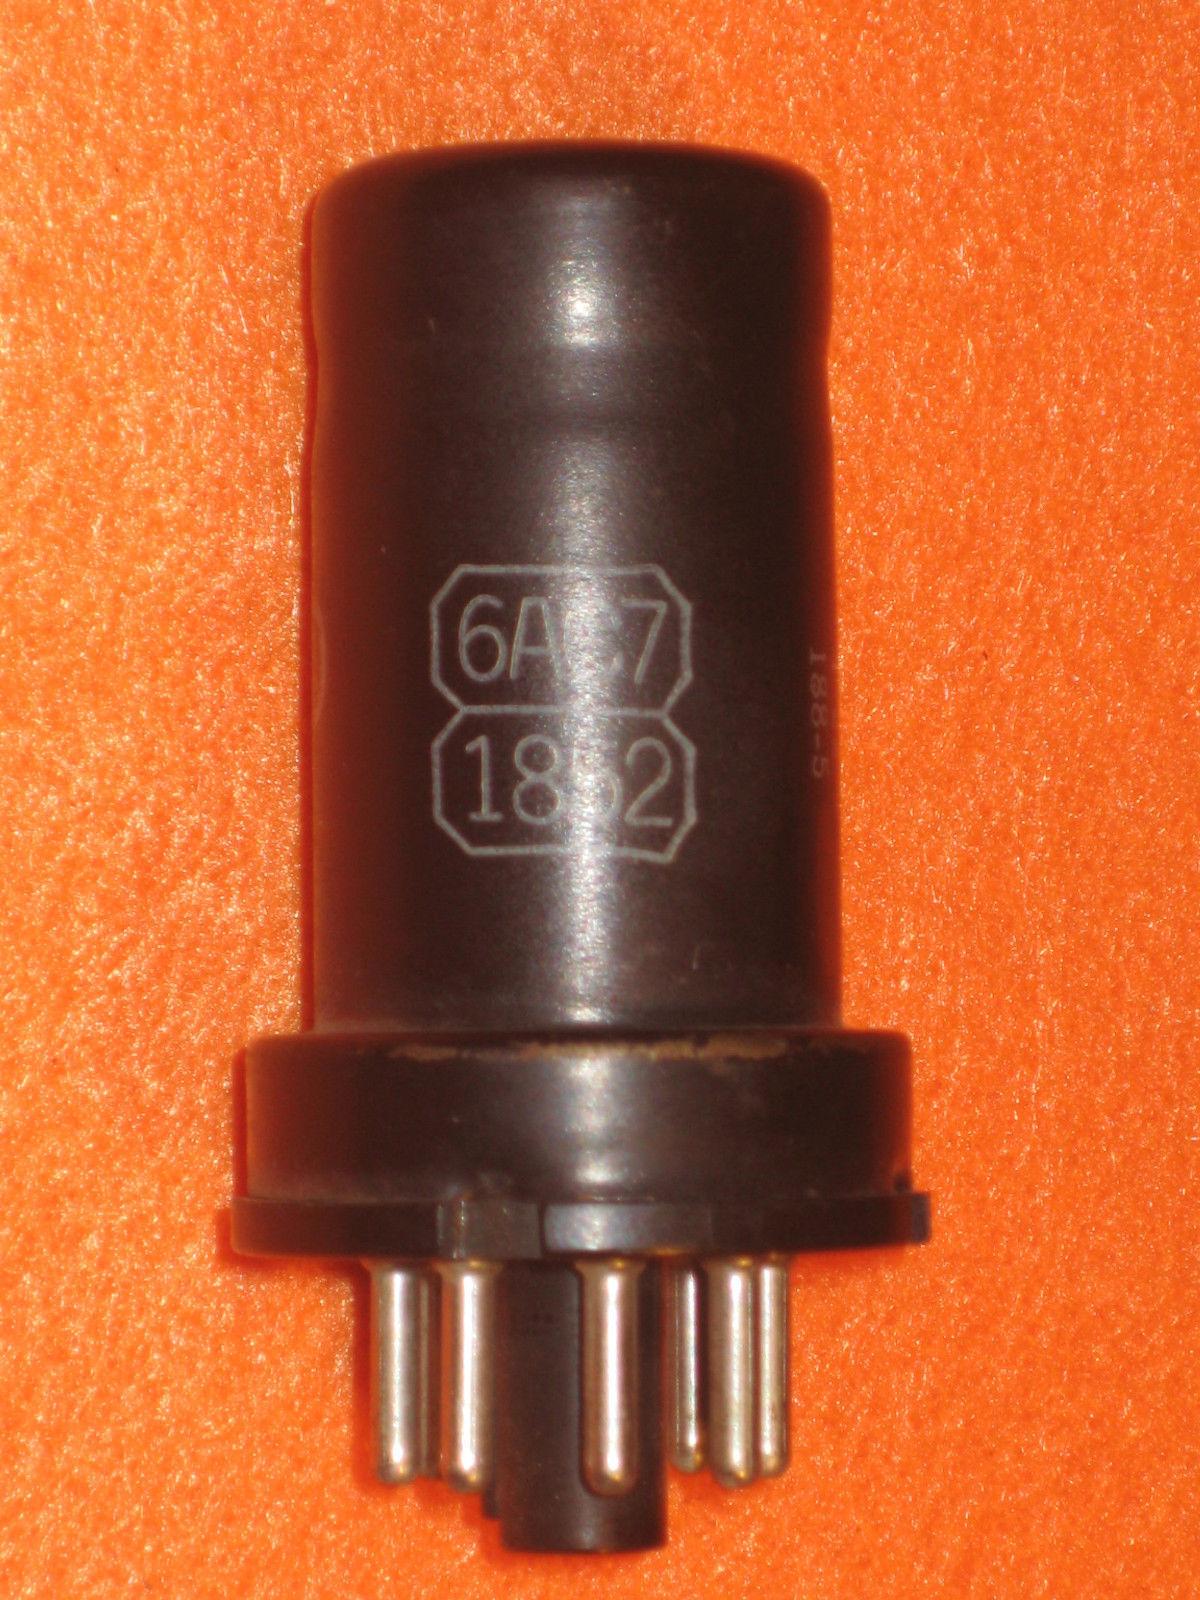 Vintage Radio Vacuum Tube (one): 6AC7 Metal - Tested Good